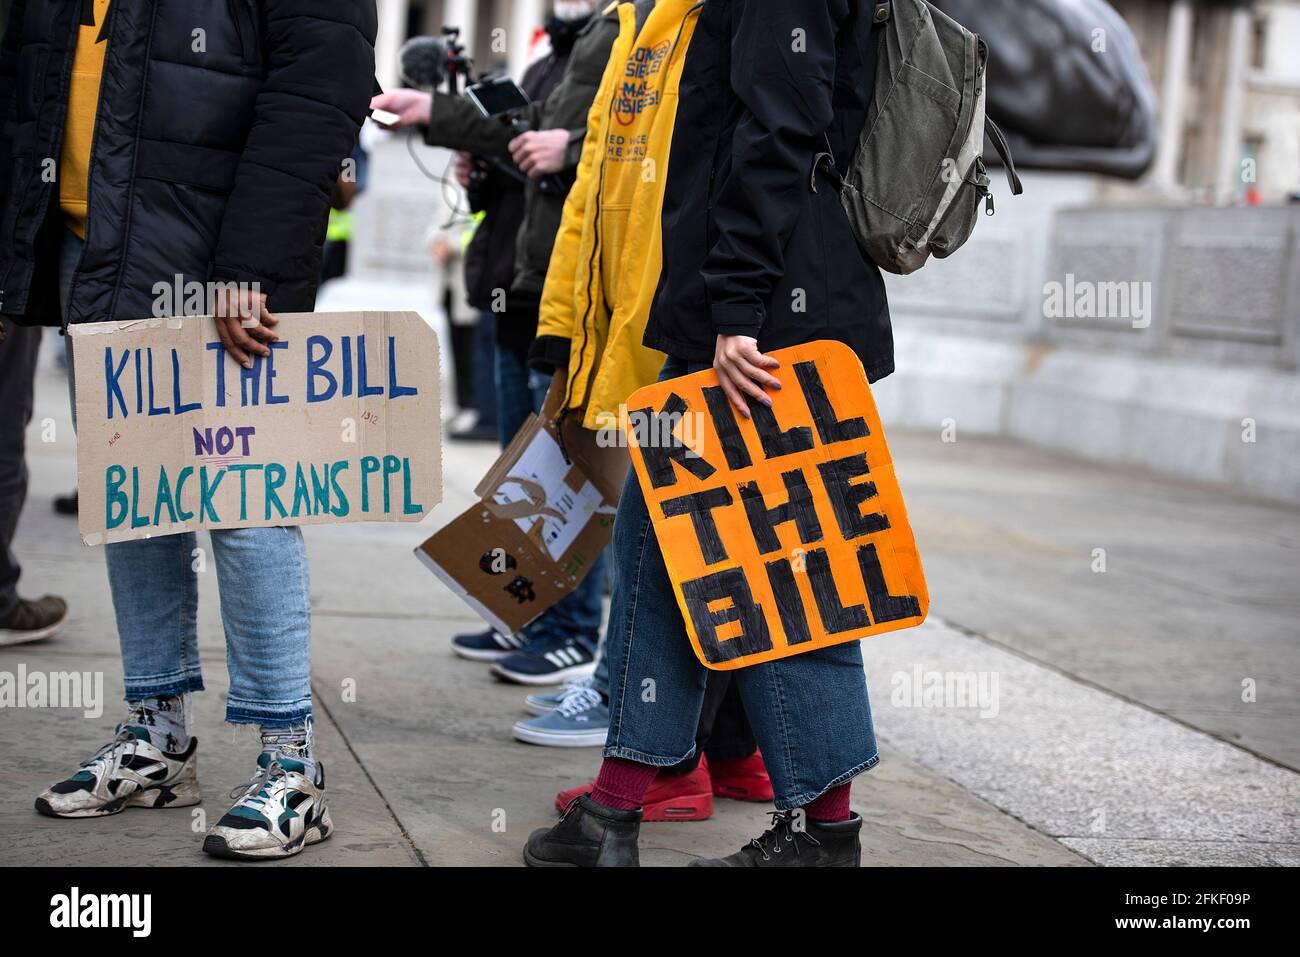 London, Großbritannien - 1. Mai 2021: 'Kill the Bill' Protest gegen Polizei, Verbrechen, Verurteilung und Gerichte Bill 2021 Credit: Loredana Sangiuliano / Alamy Live News Stockfoto